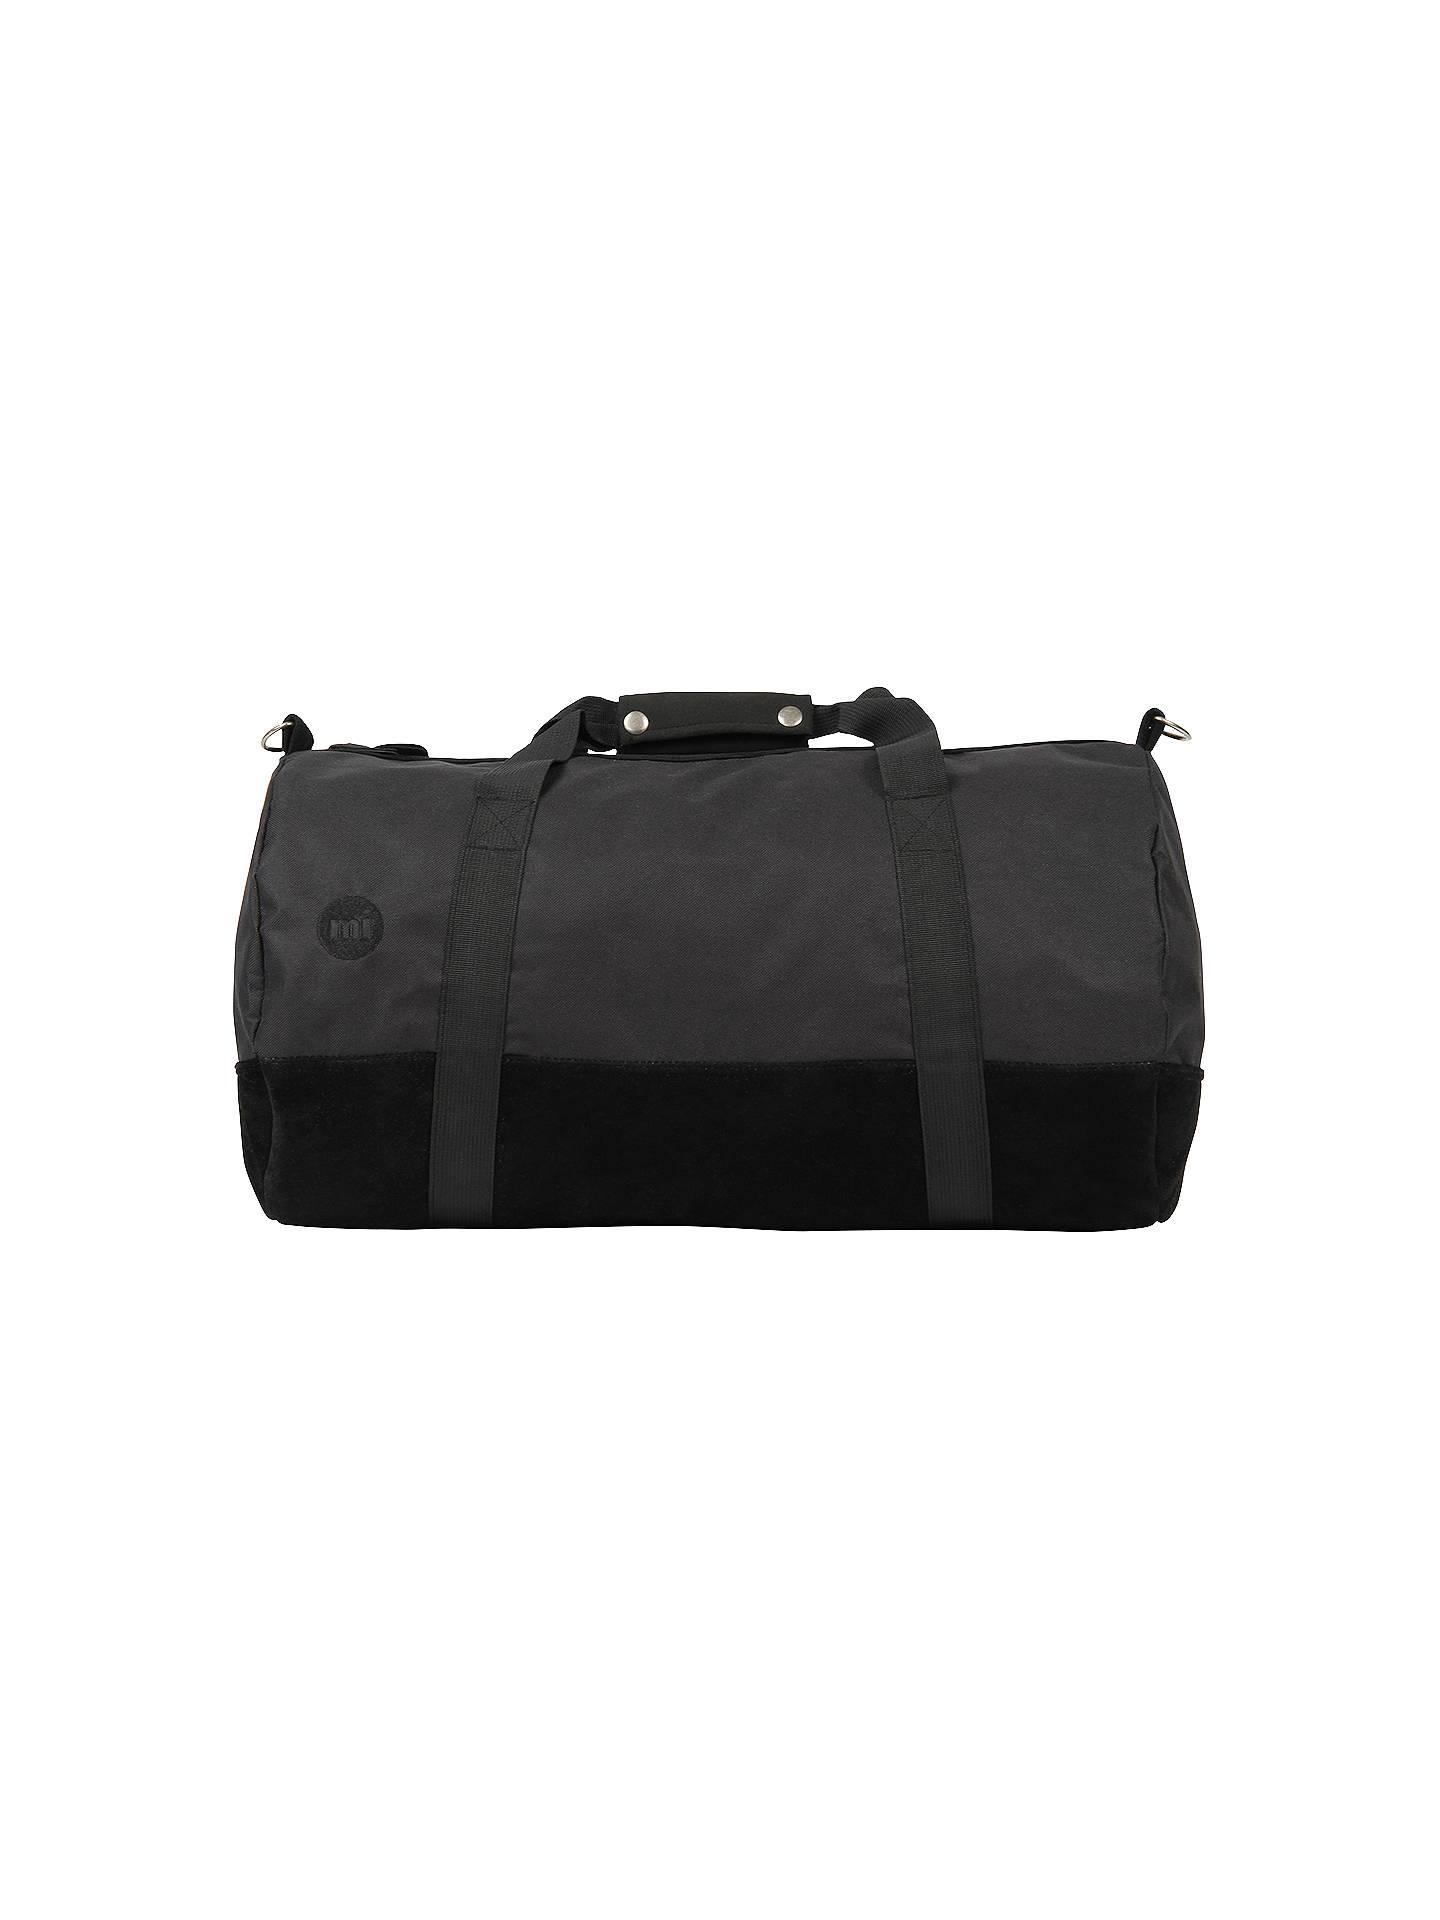 3c9cfd2bca BuyMi-Pac Classic Duffle Bag